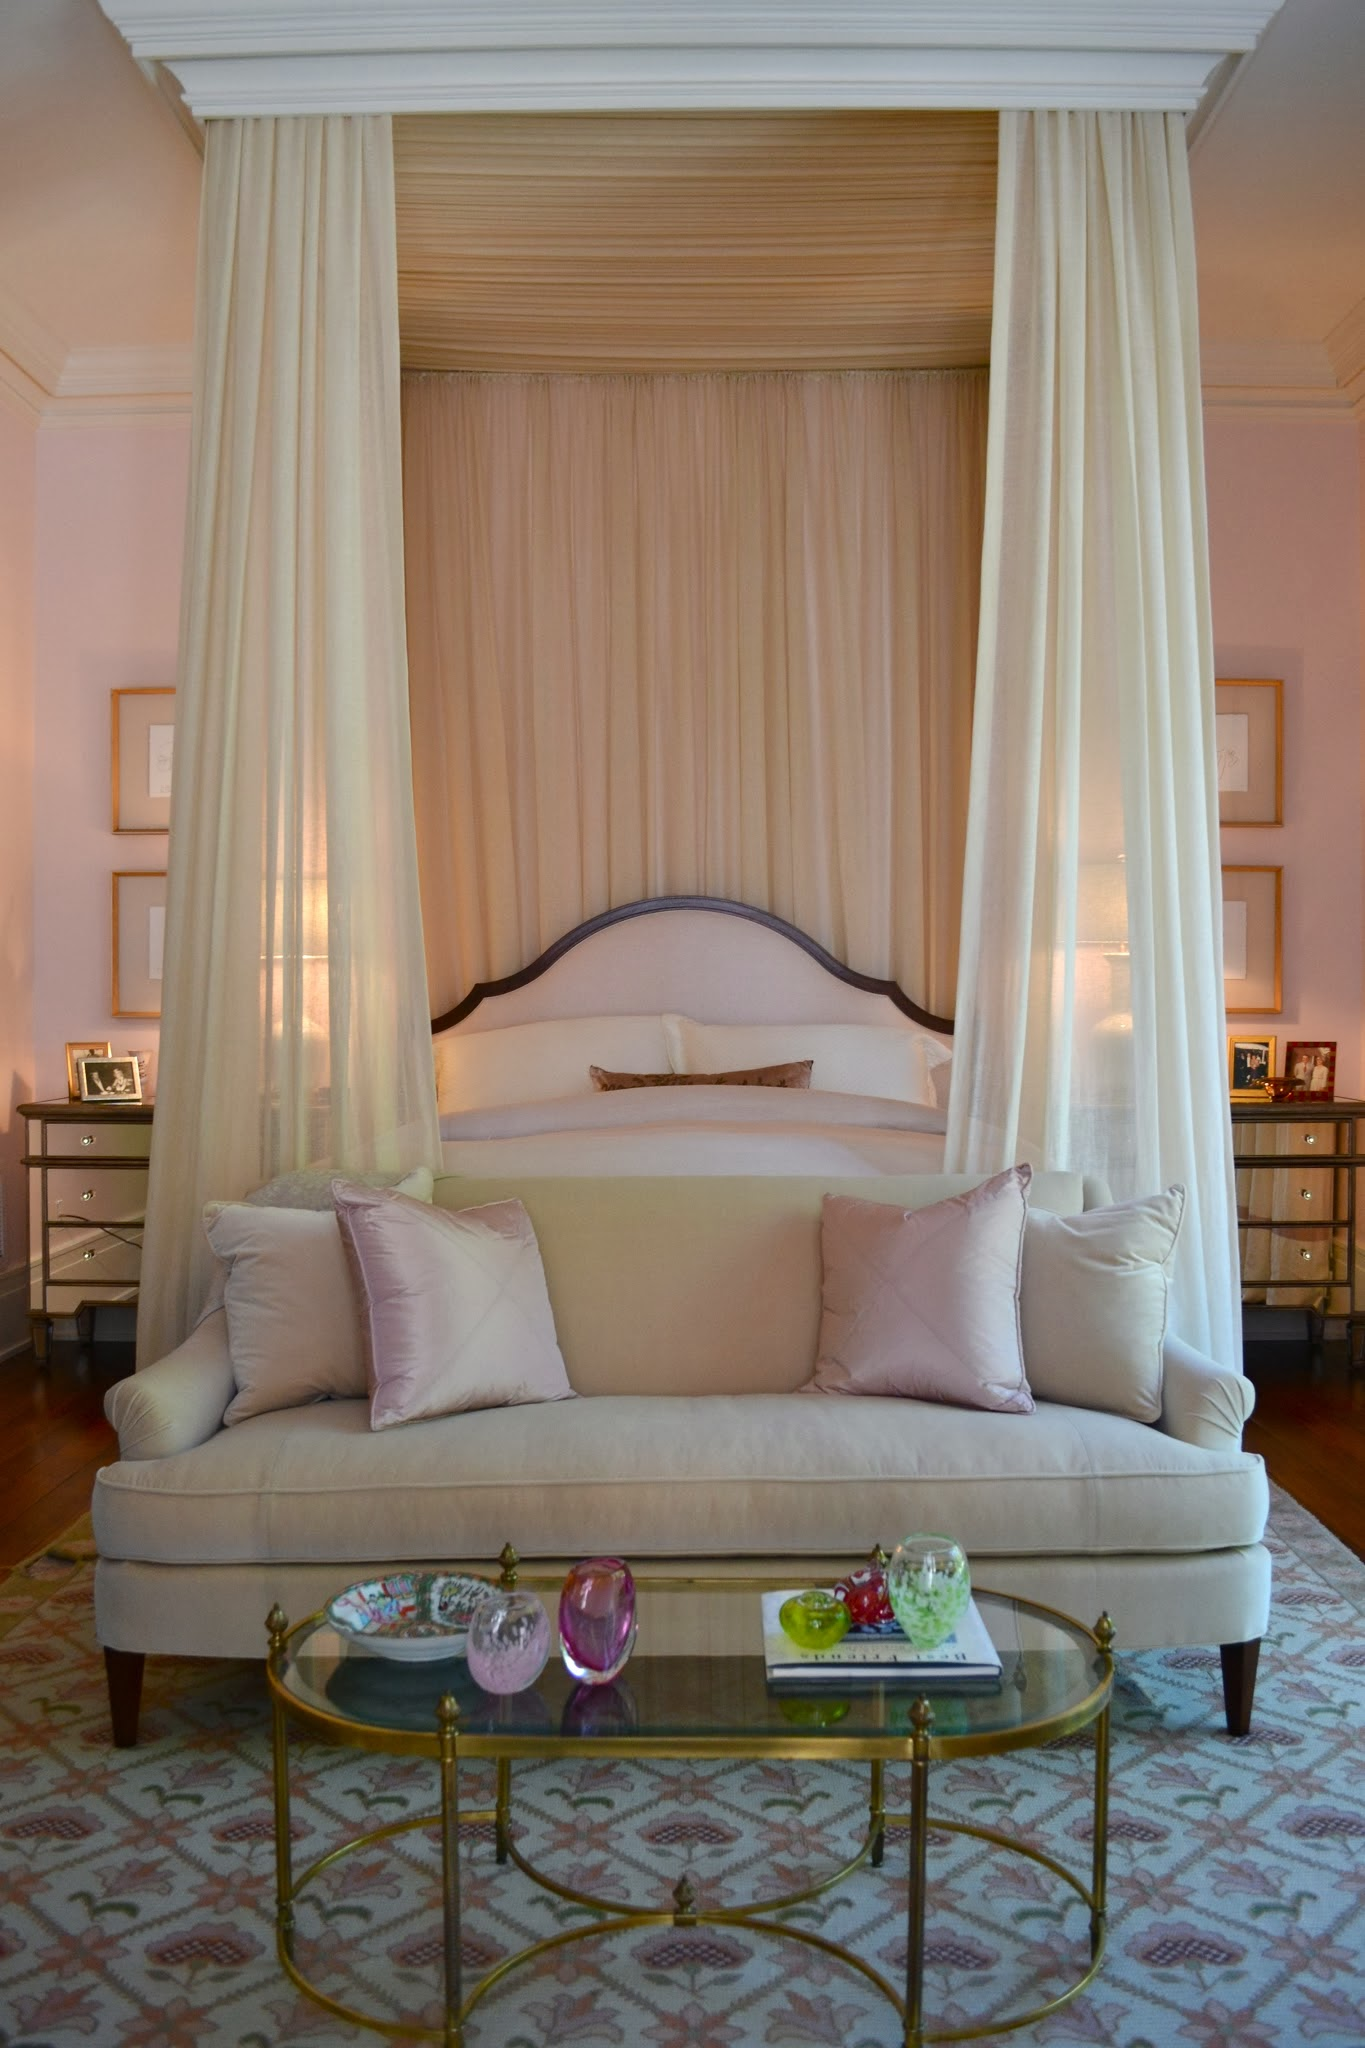 Балдахин в оформлении кровати